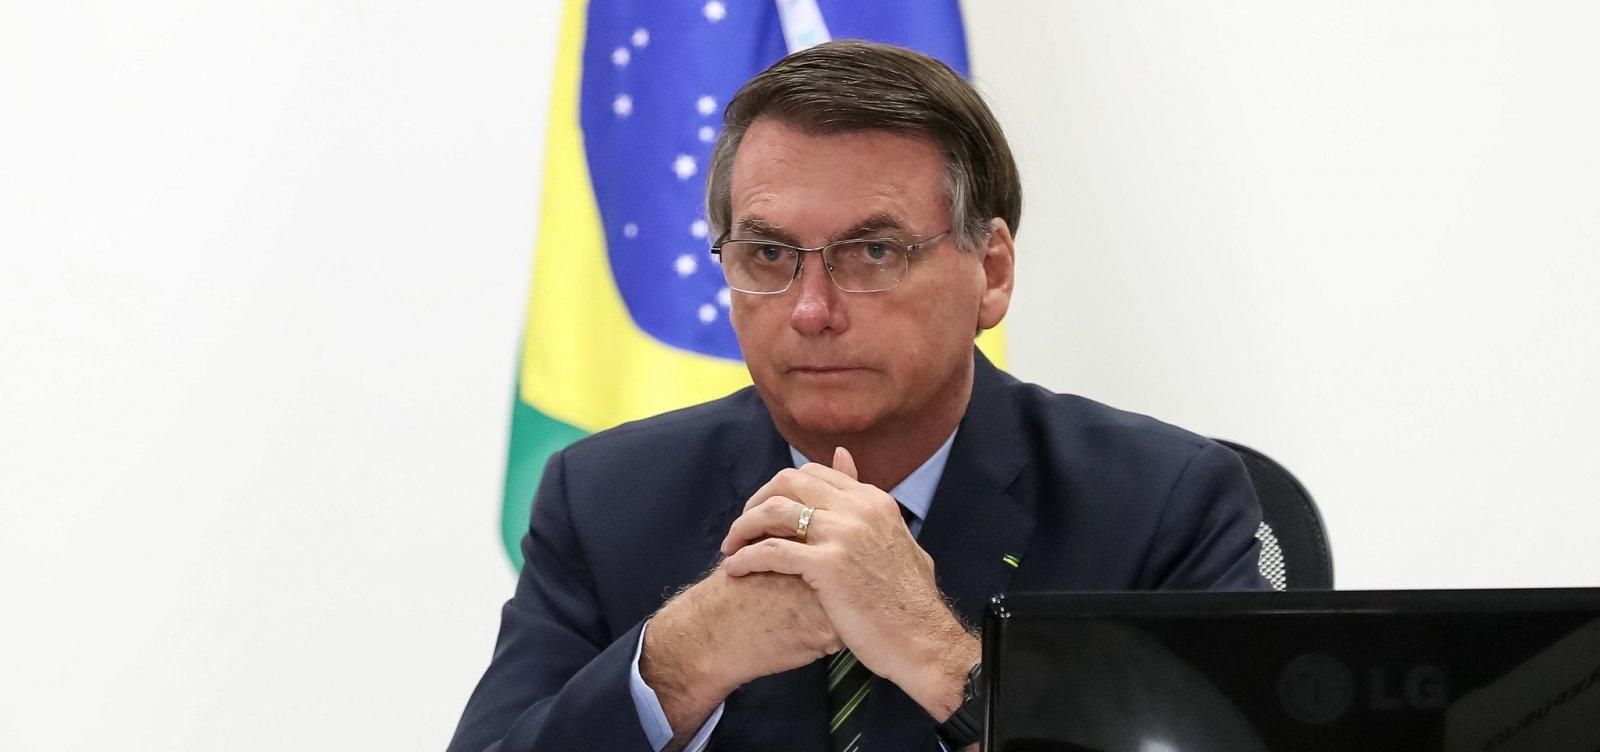 [Brasileiro pula em esgoto e não acontece nada, diz Bolsonaro em alusão a infecção pelo coronavírus]